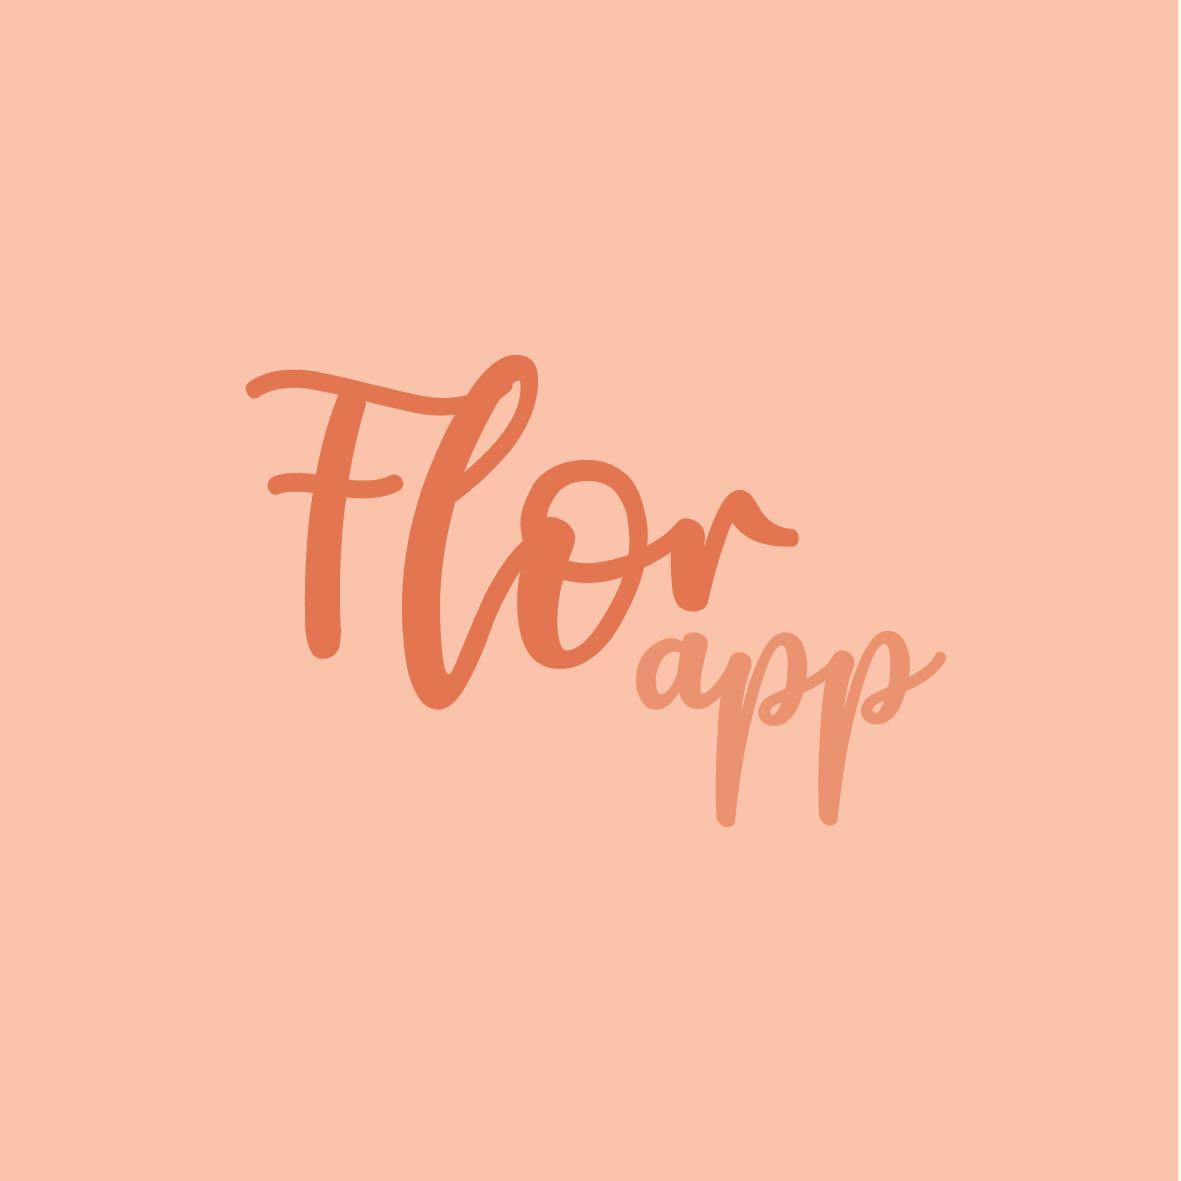 Logotipo para aplicativo